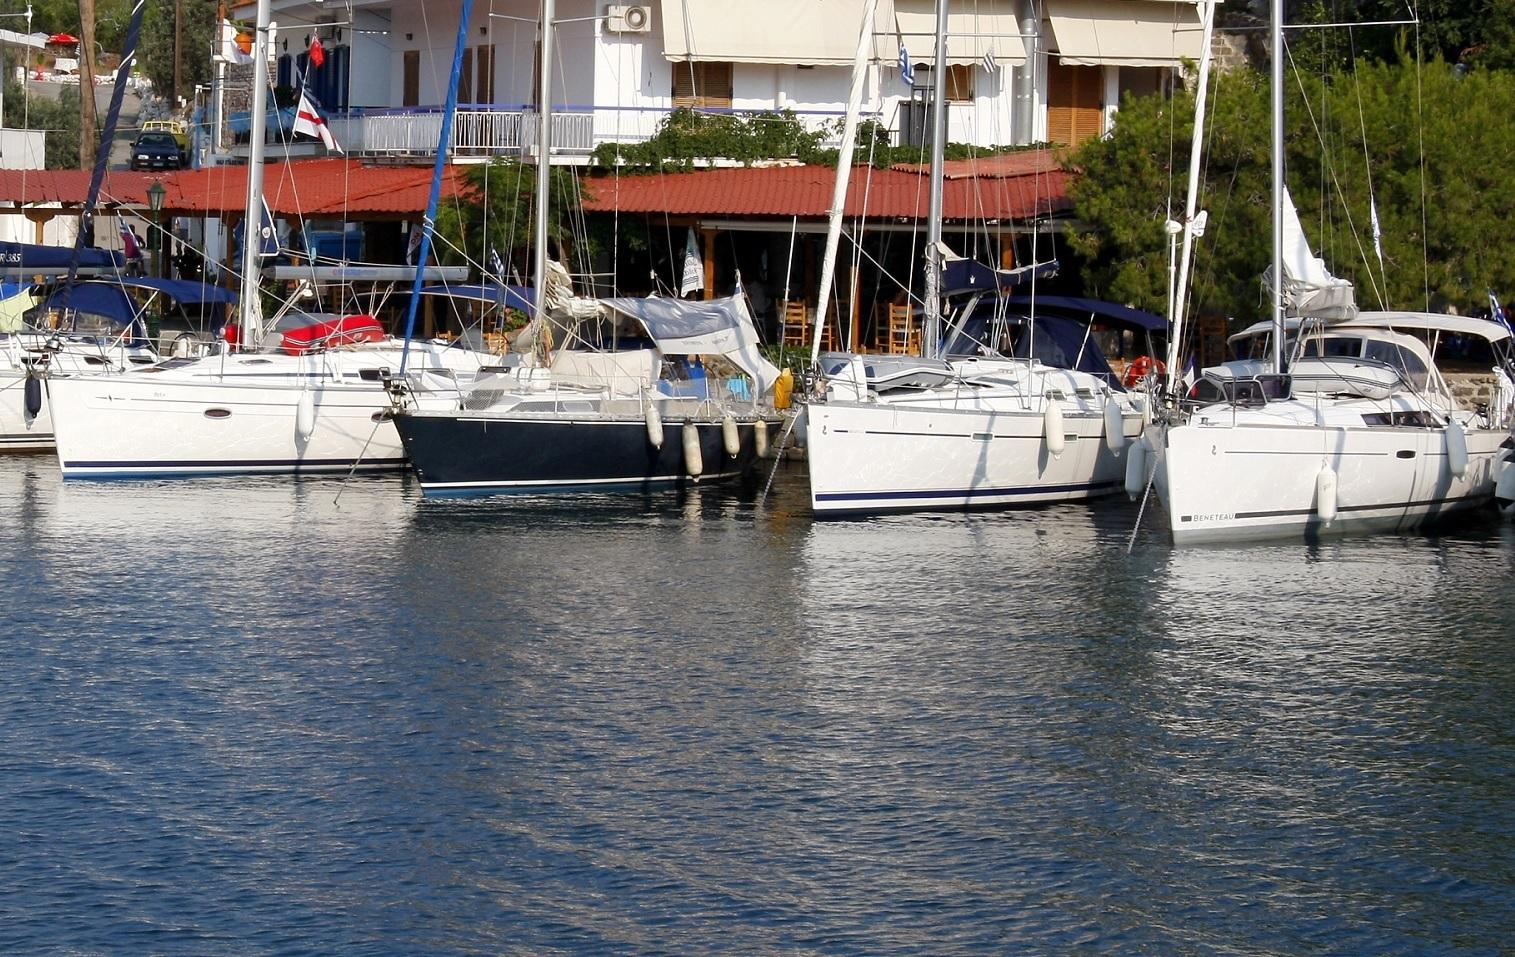 Sardinien, Marina dell Isola (Sun Charter)